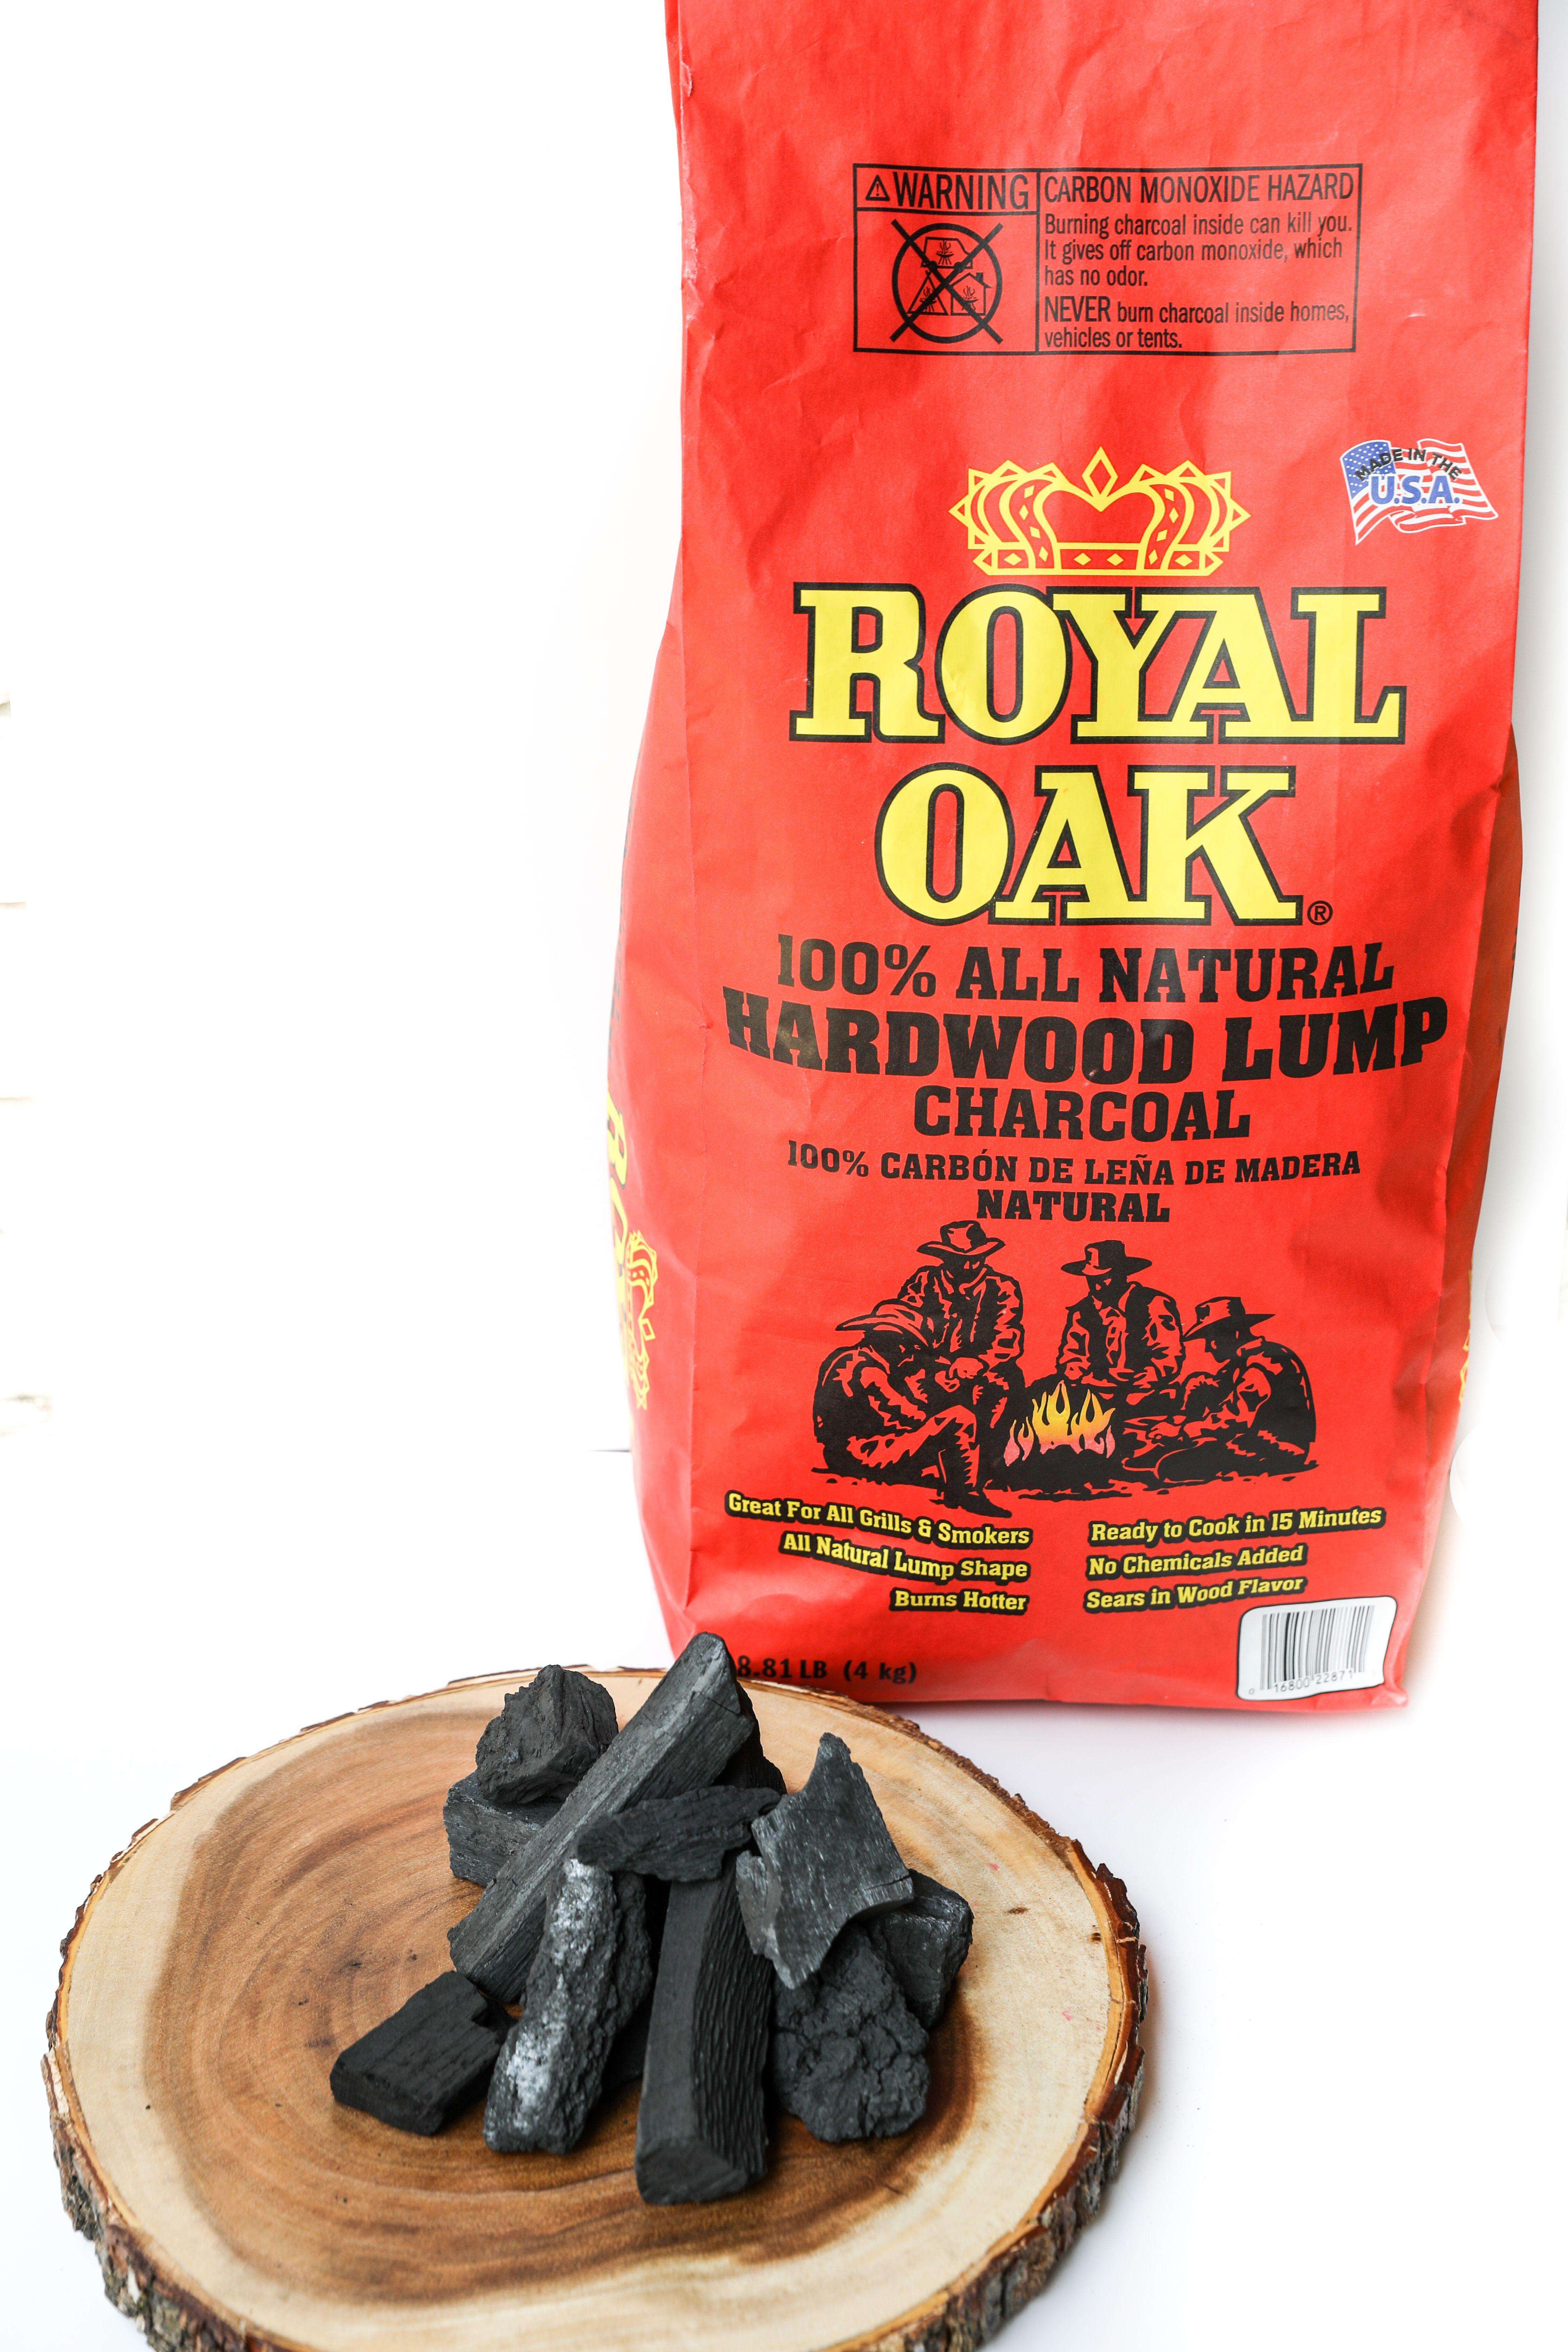 100 All Natural American Made Royal Oak Hardwood Lump